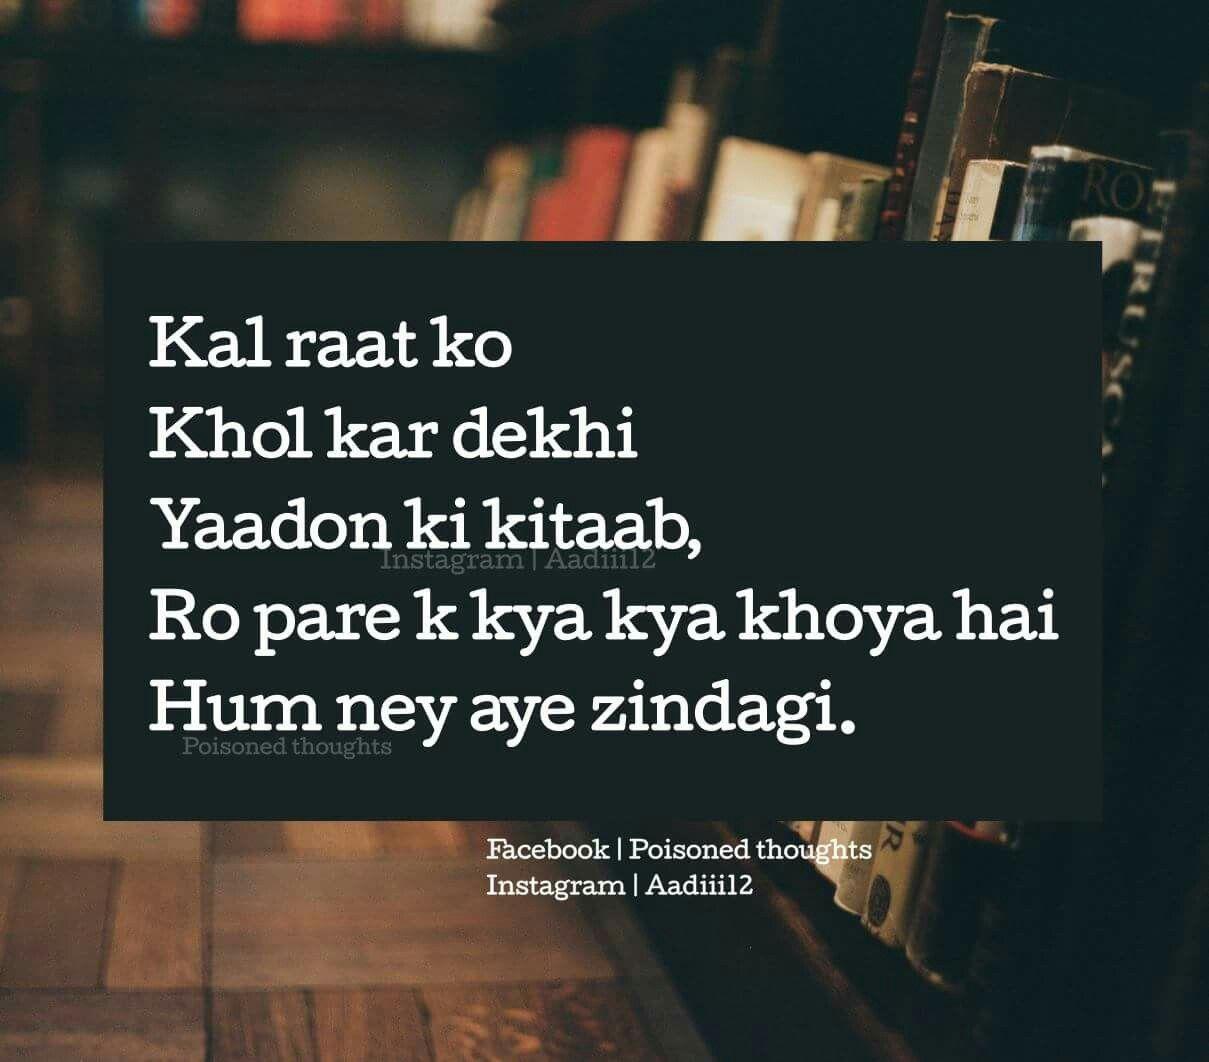 Romantic Broken Heart Quotes: Sab Kuch Khooo Diya 1 Kawaish K Liye Or Wo B Na Mili